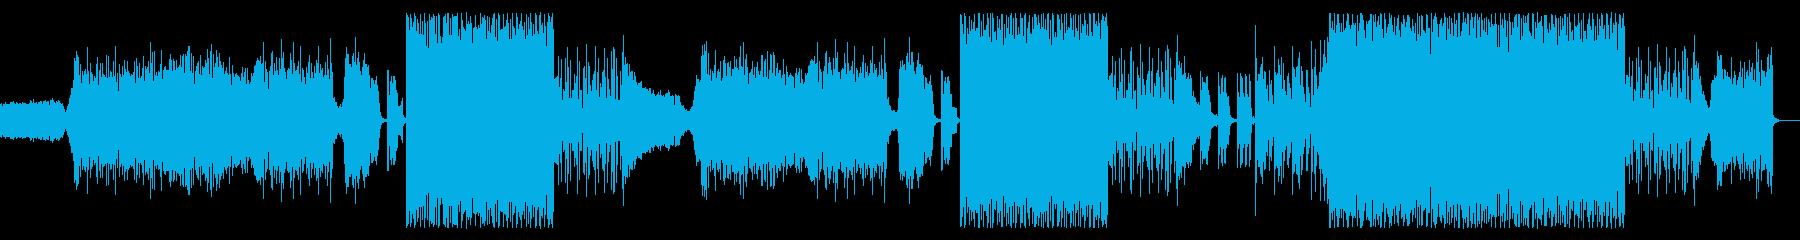 キラキラEDMビートの再生済みの波形